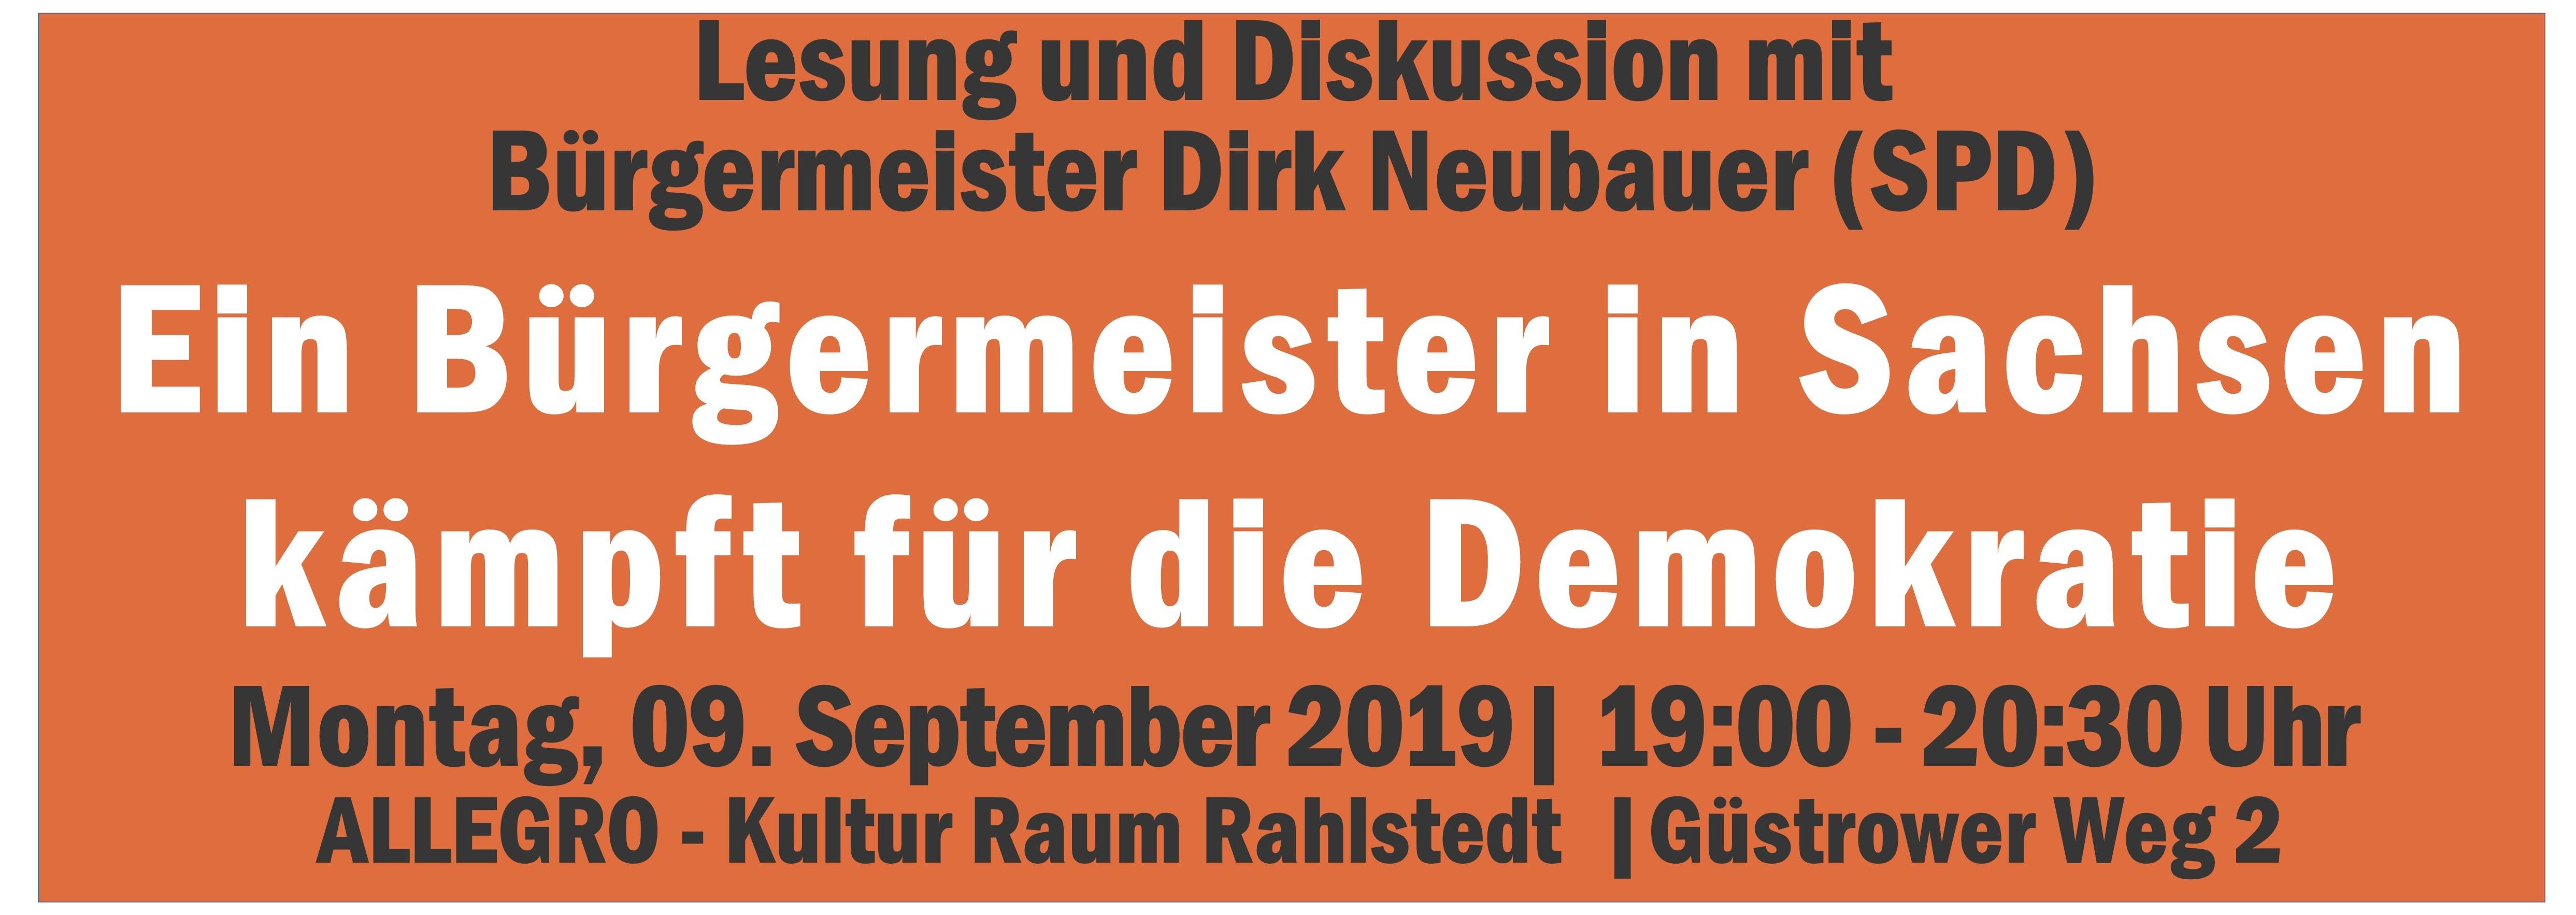 Ein Bürgermeister in Sachsen kämpft für die Demokratie – Einladung zur Lesung und Diskussion mit dem sächsischen SPD-Bürgermeister Dirk Neubauer